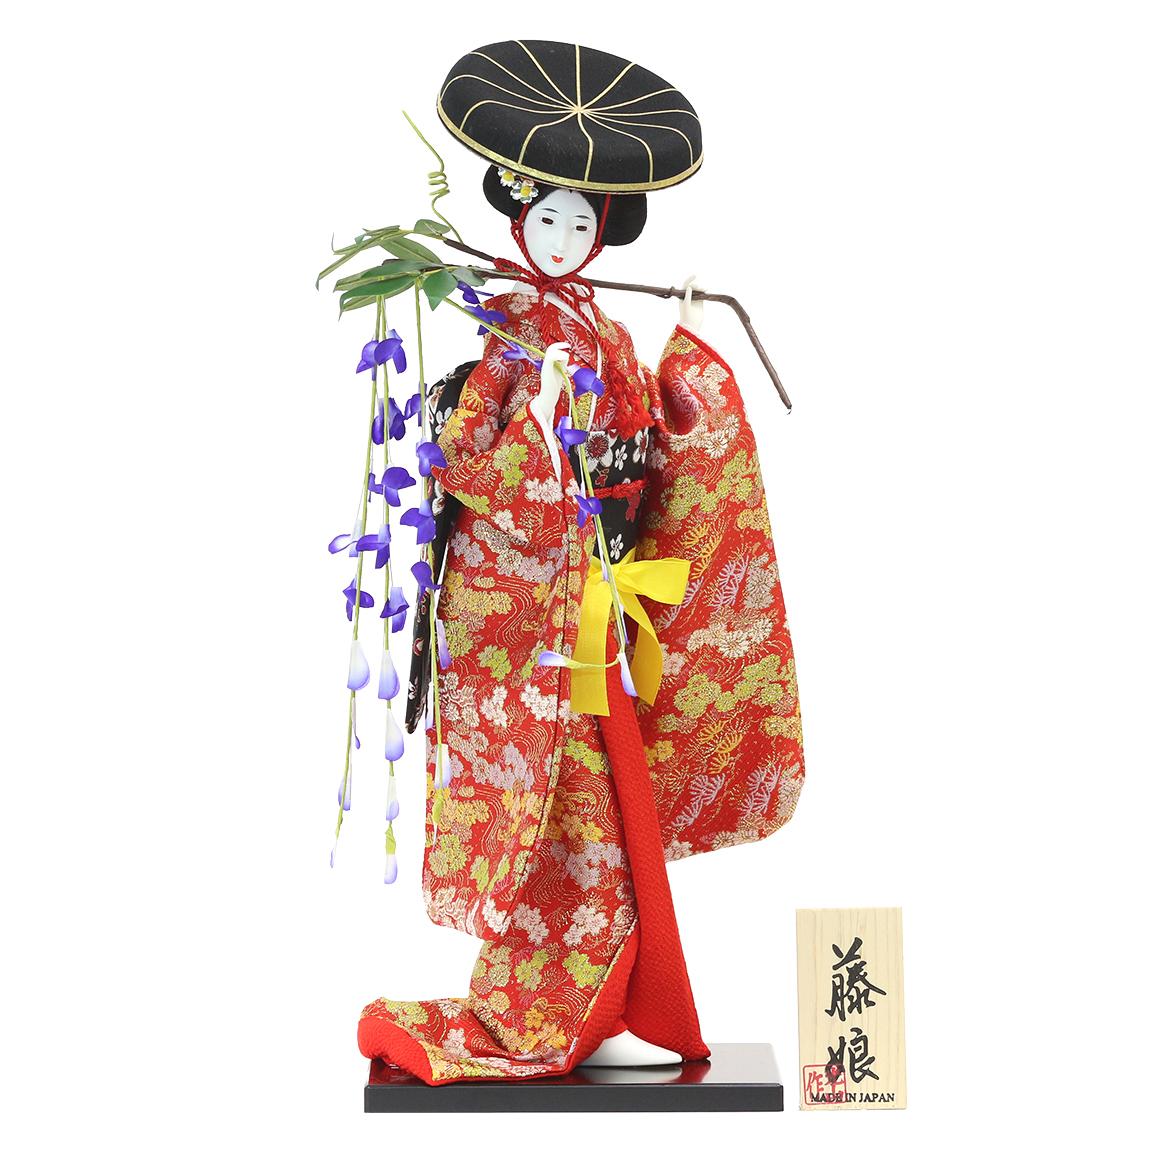 【日本人形】【J019】日本人形10号【藤娘】【新作】【秀光】【限定品】【楽ギフ_のし】